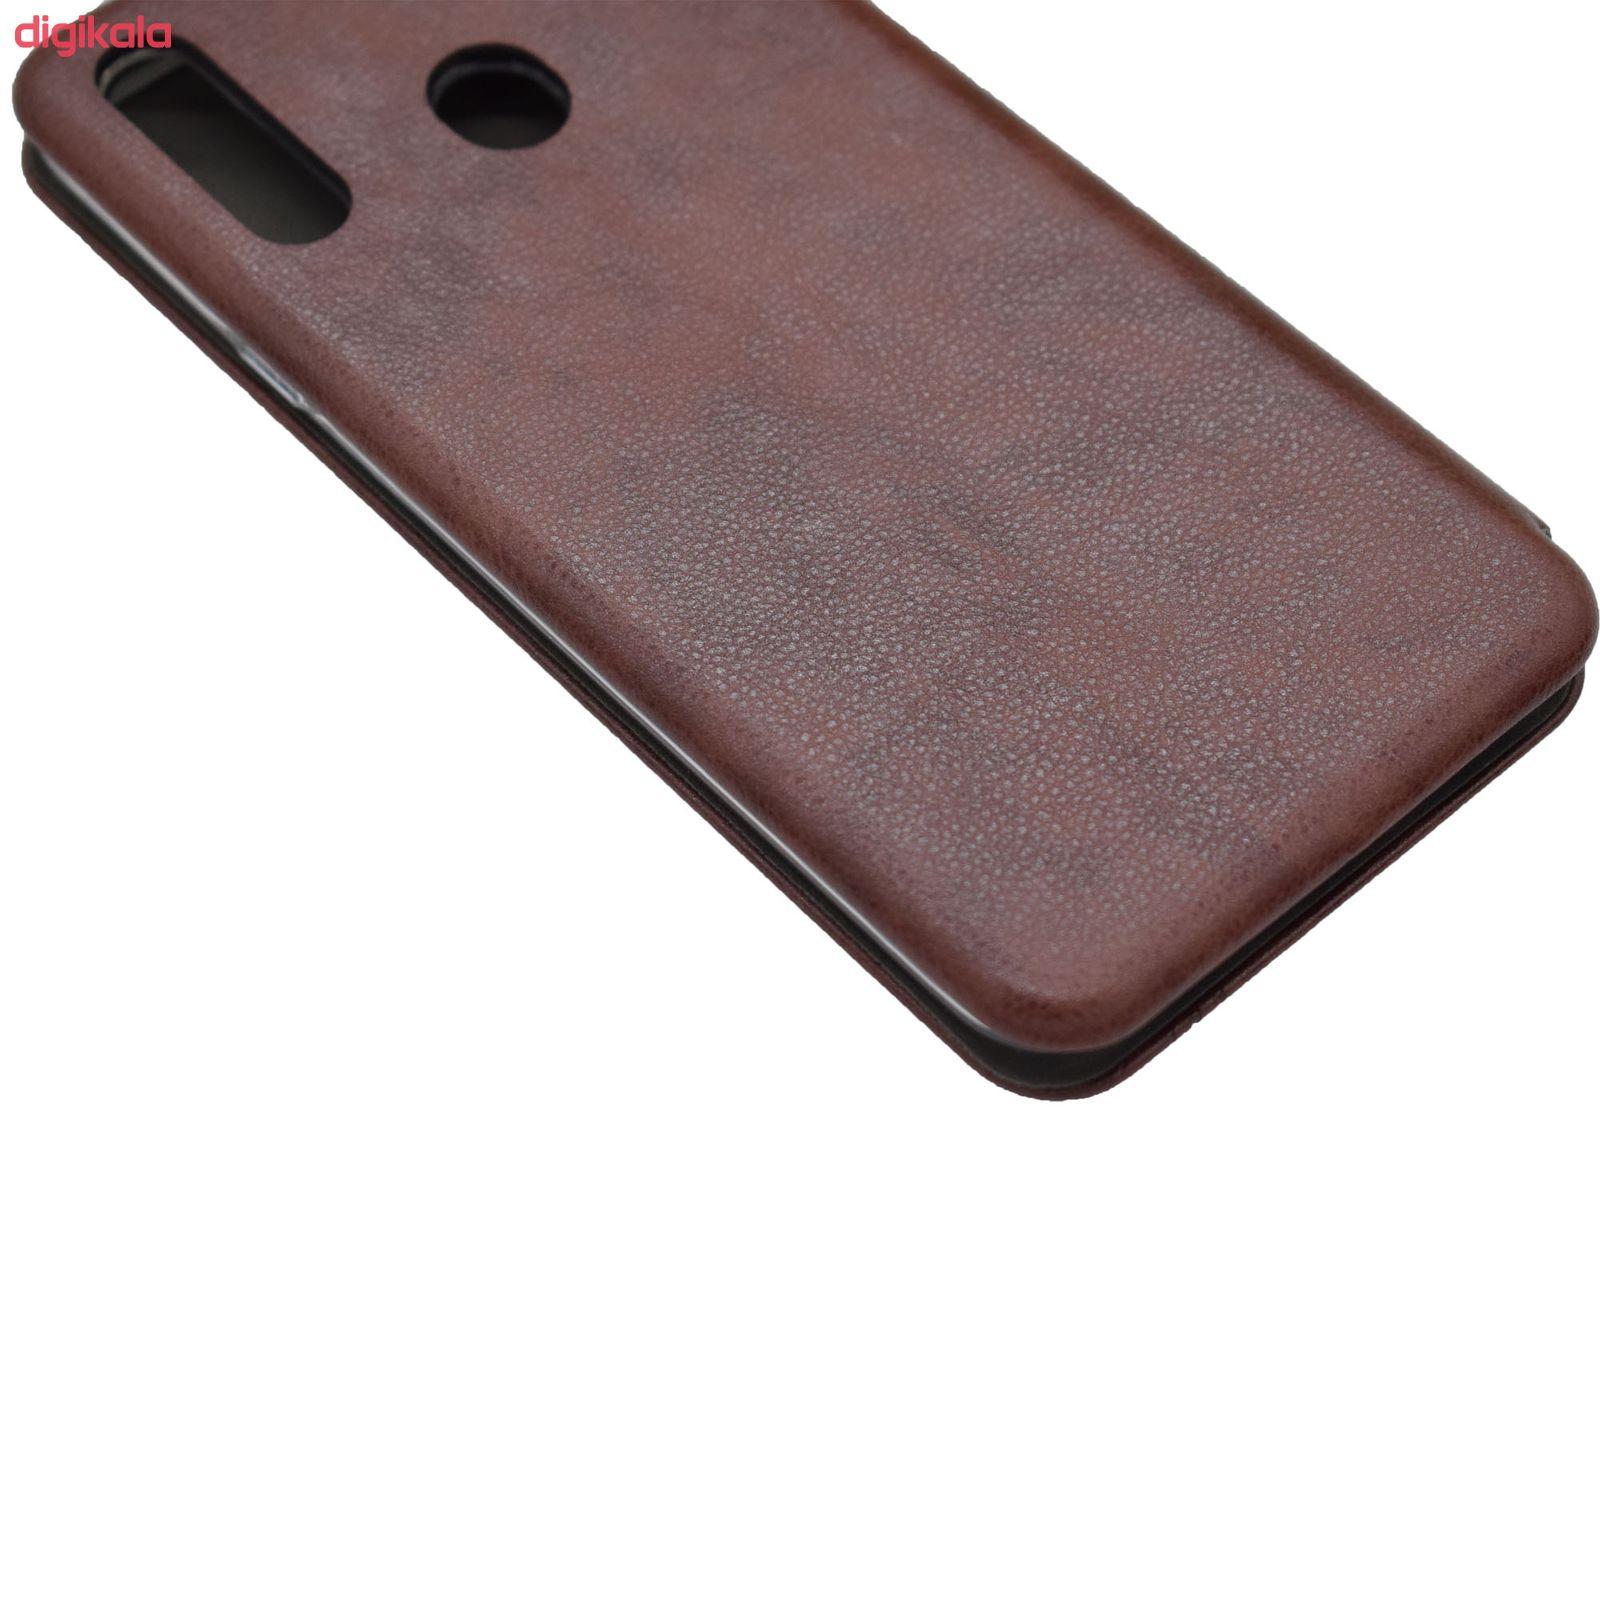 کیف کلاسوری مومکس مدل Mo10 مناسب برای گوشی موبایل هوآوی Y7p 2020 main 1 3